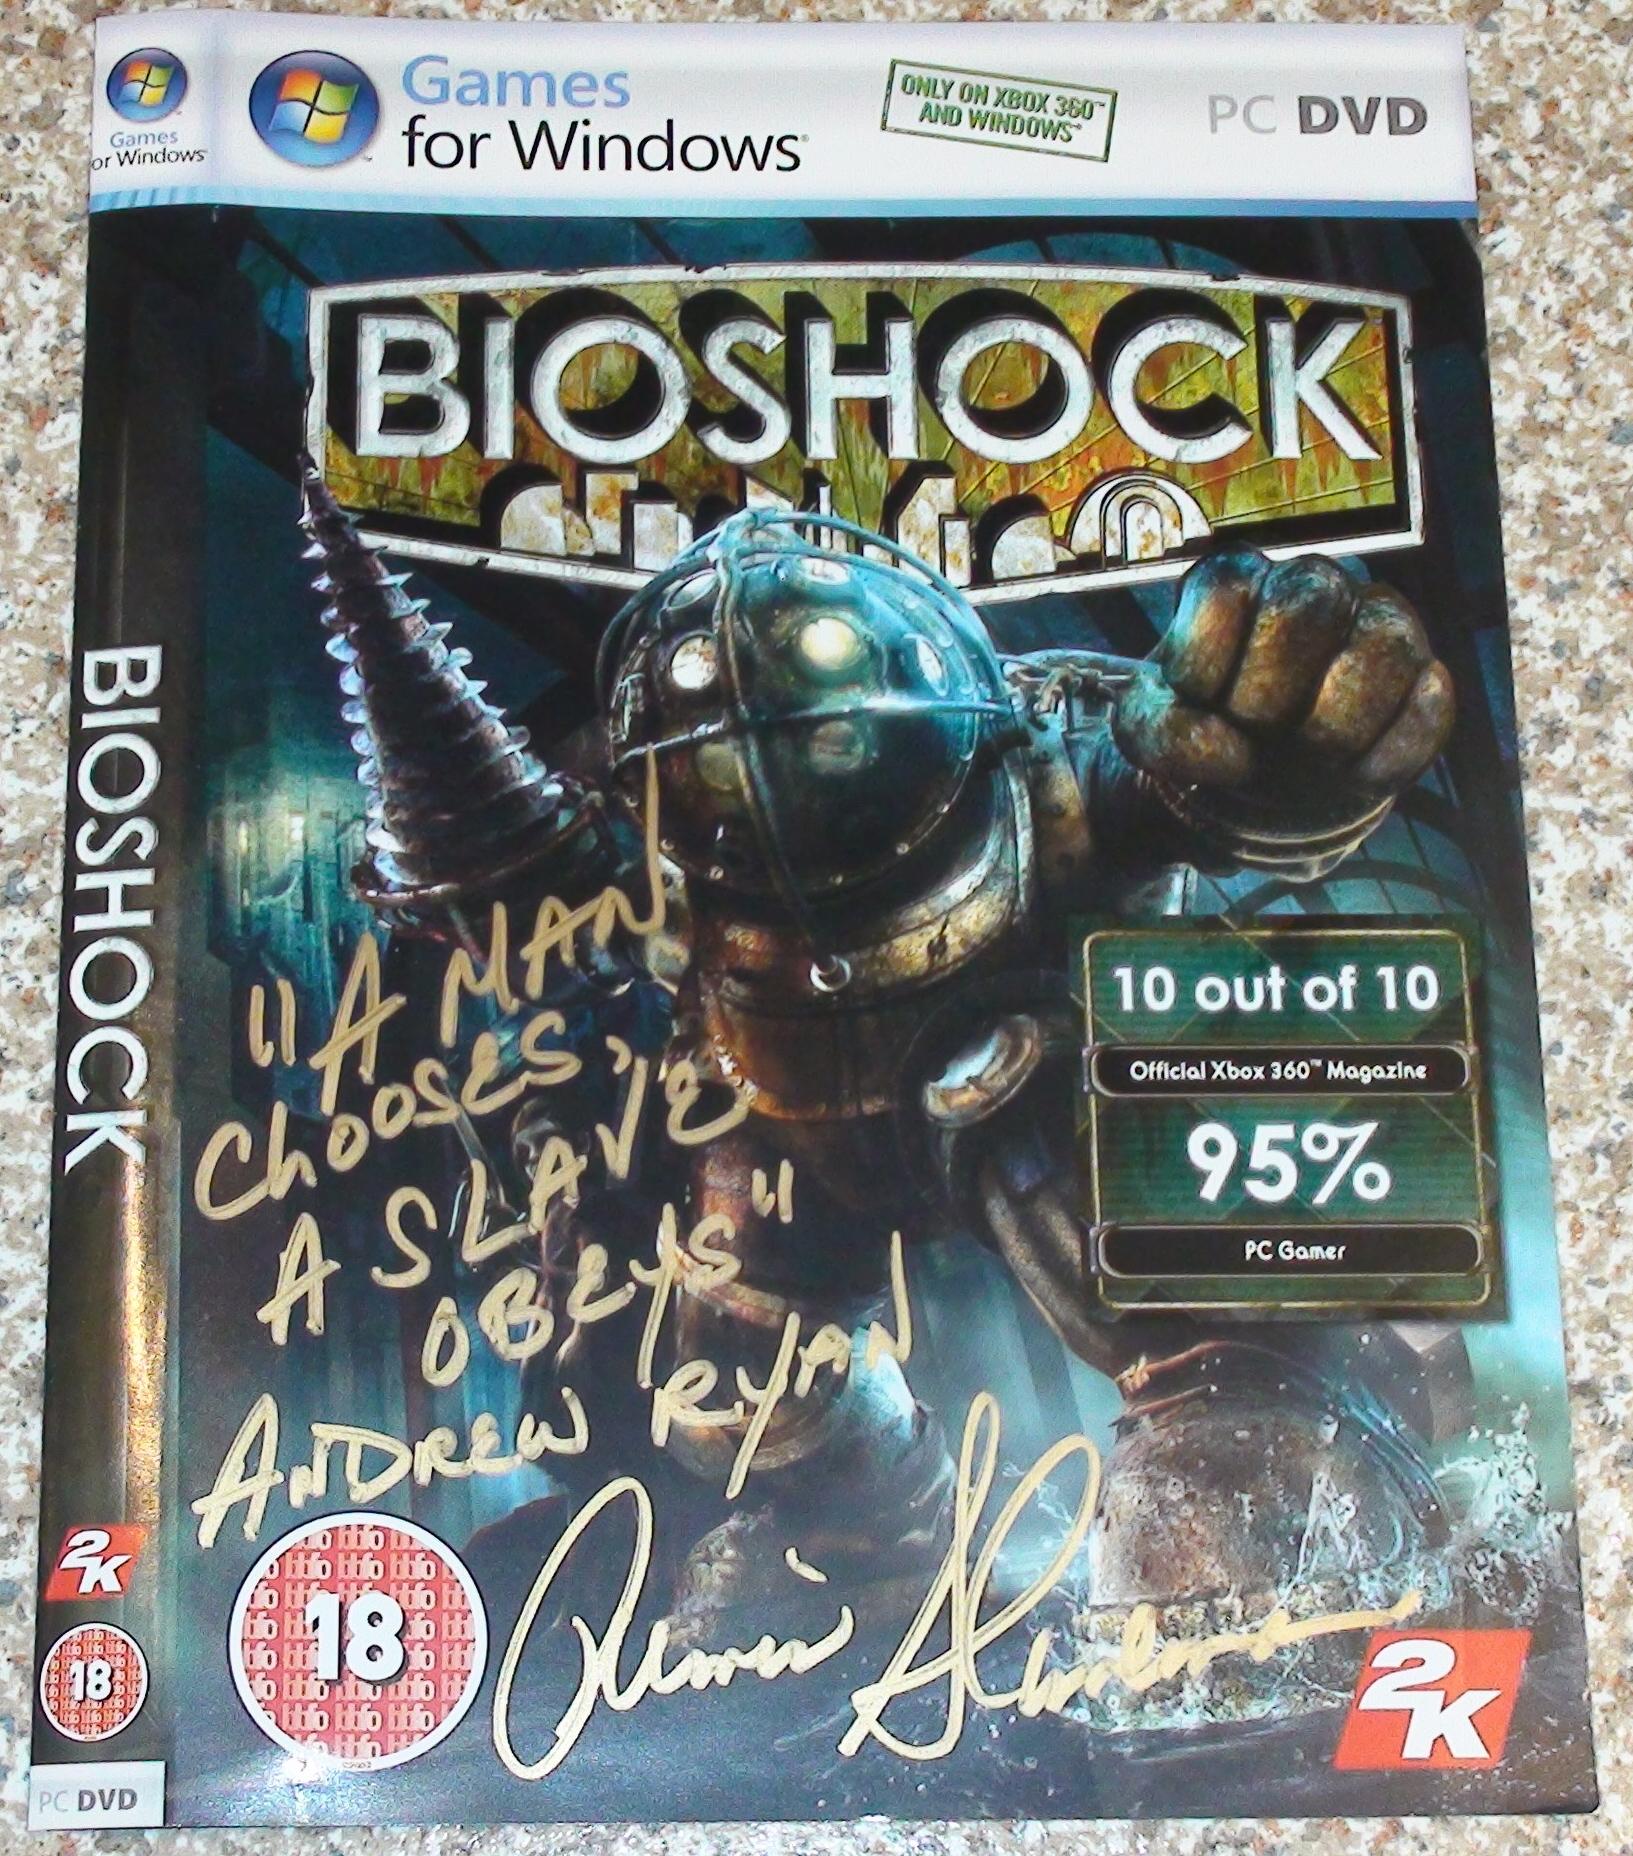 Bioshock - Armin Shimerman